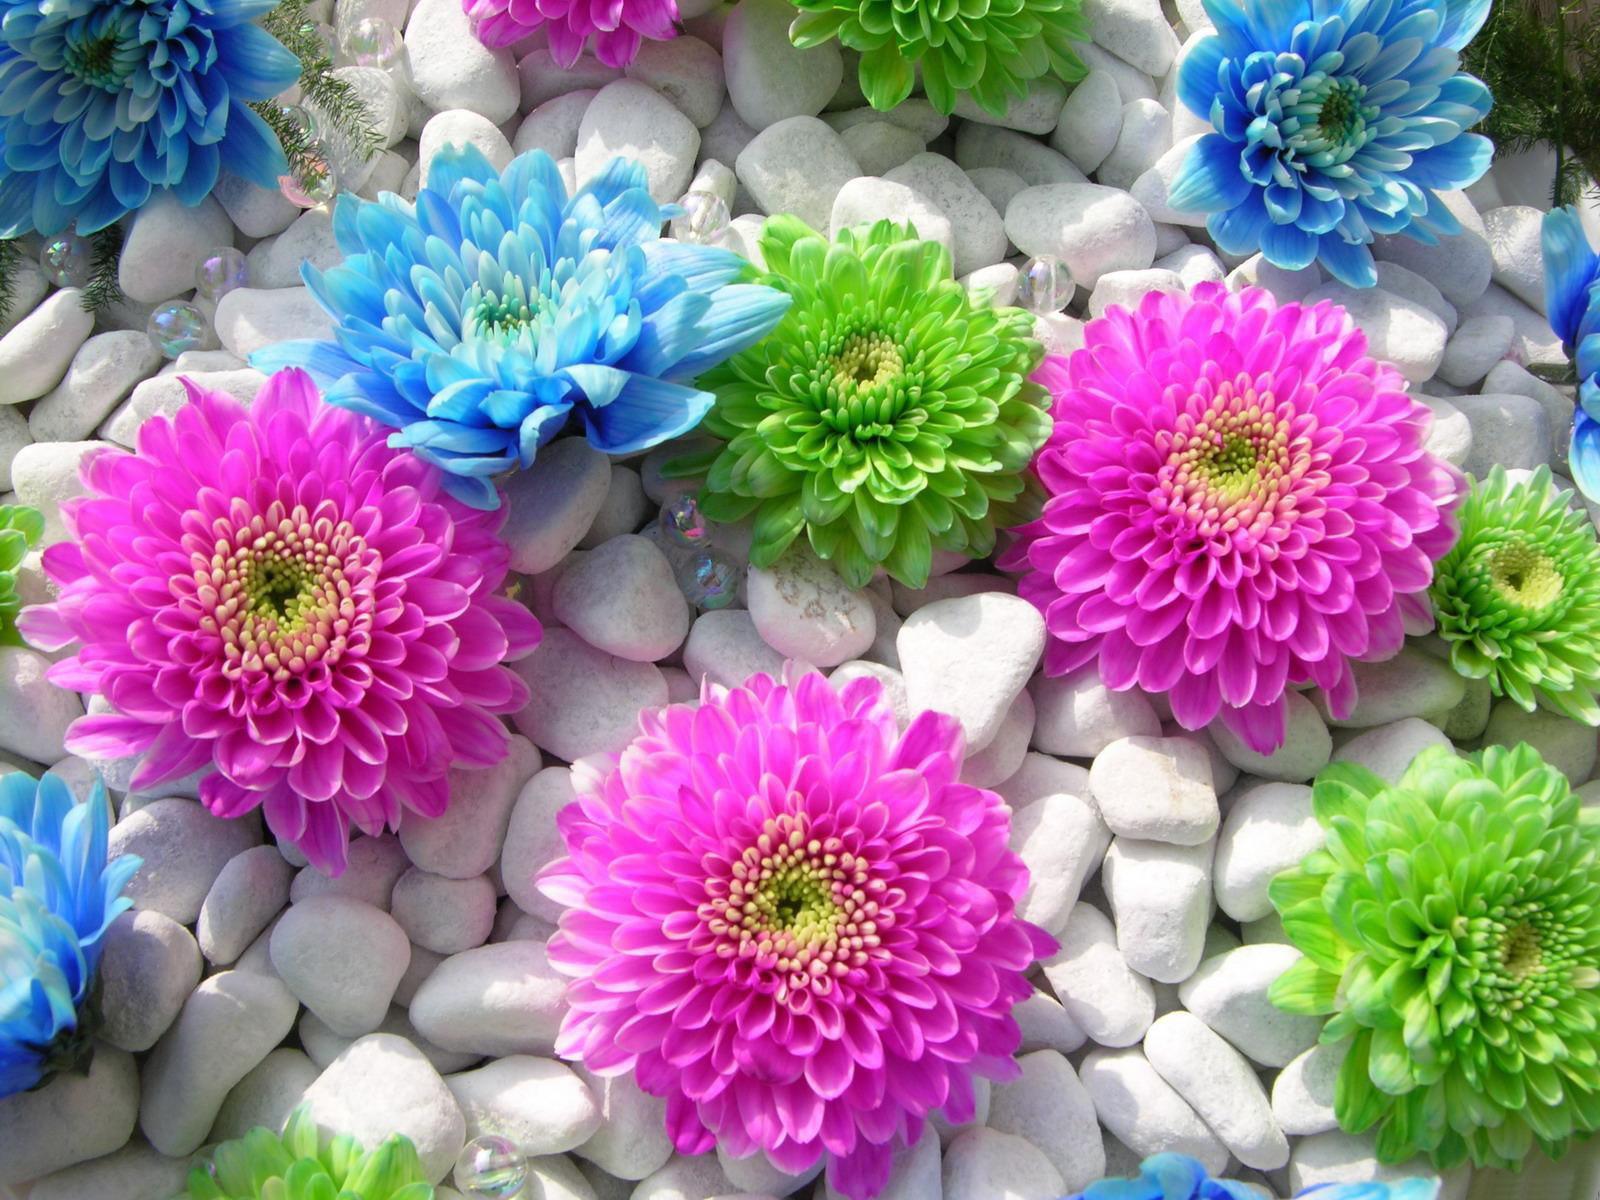 صور ورود جميلة اجمل صور الورد والازهار بجودة HD (45)